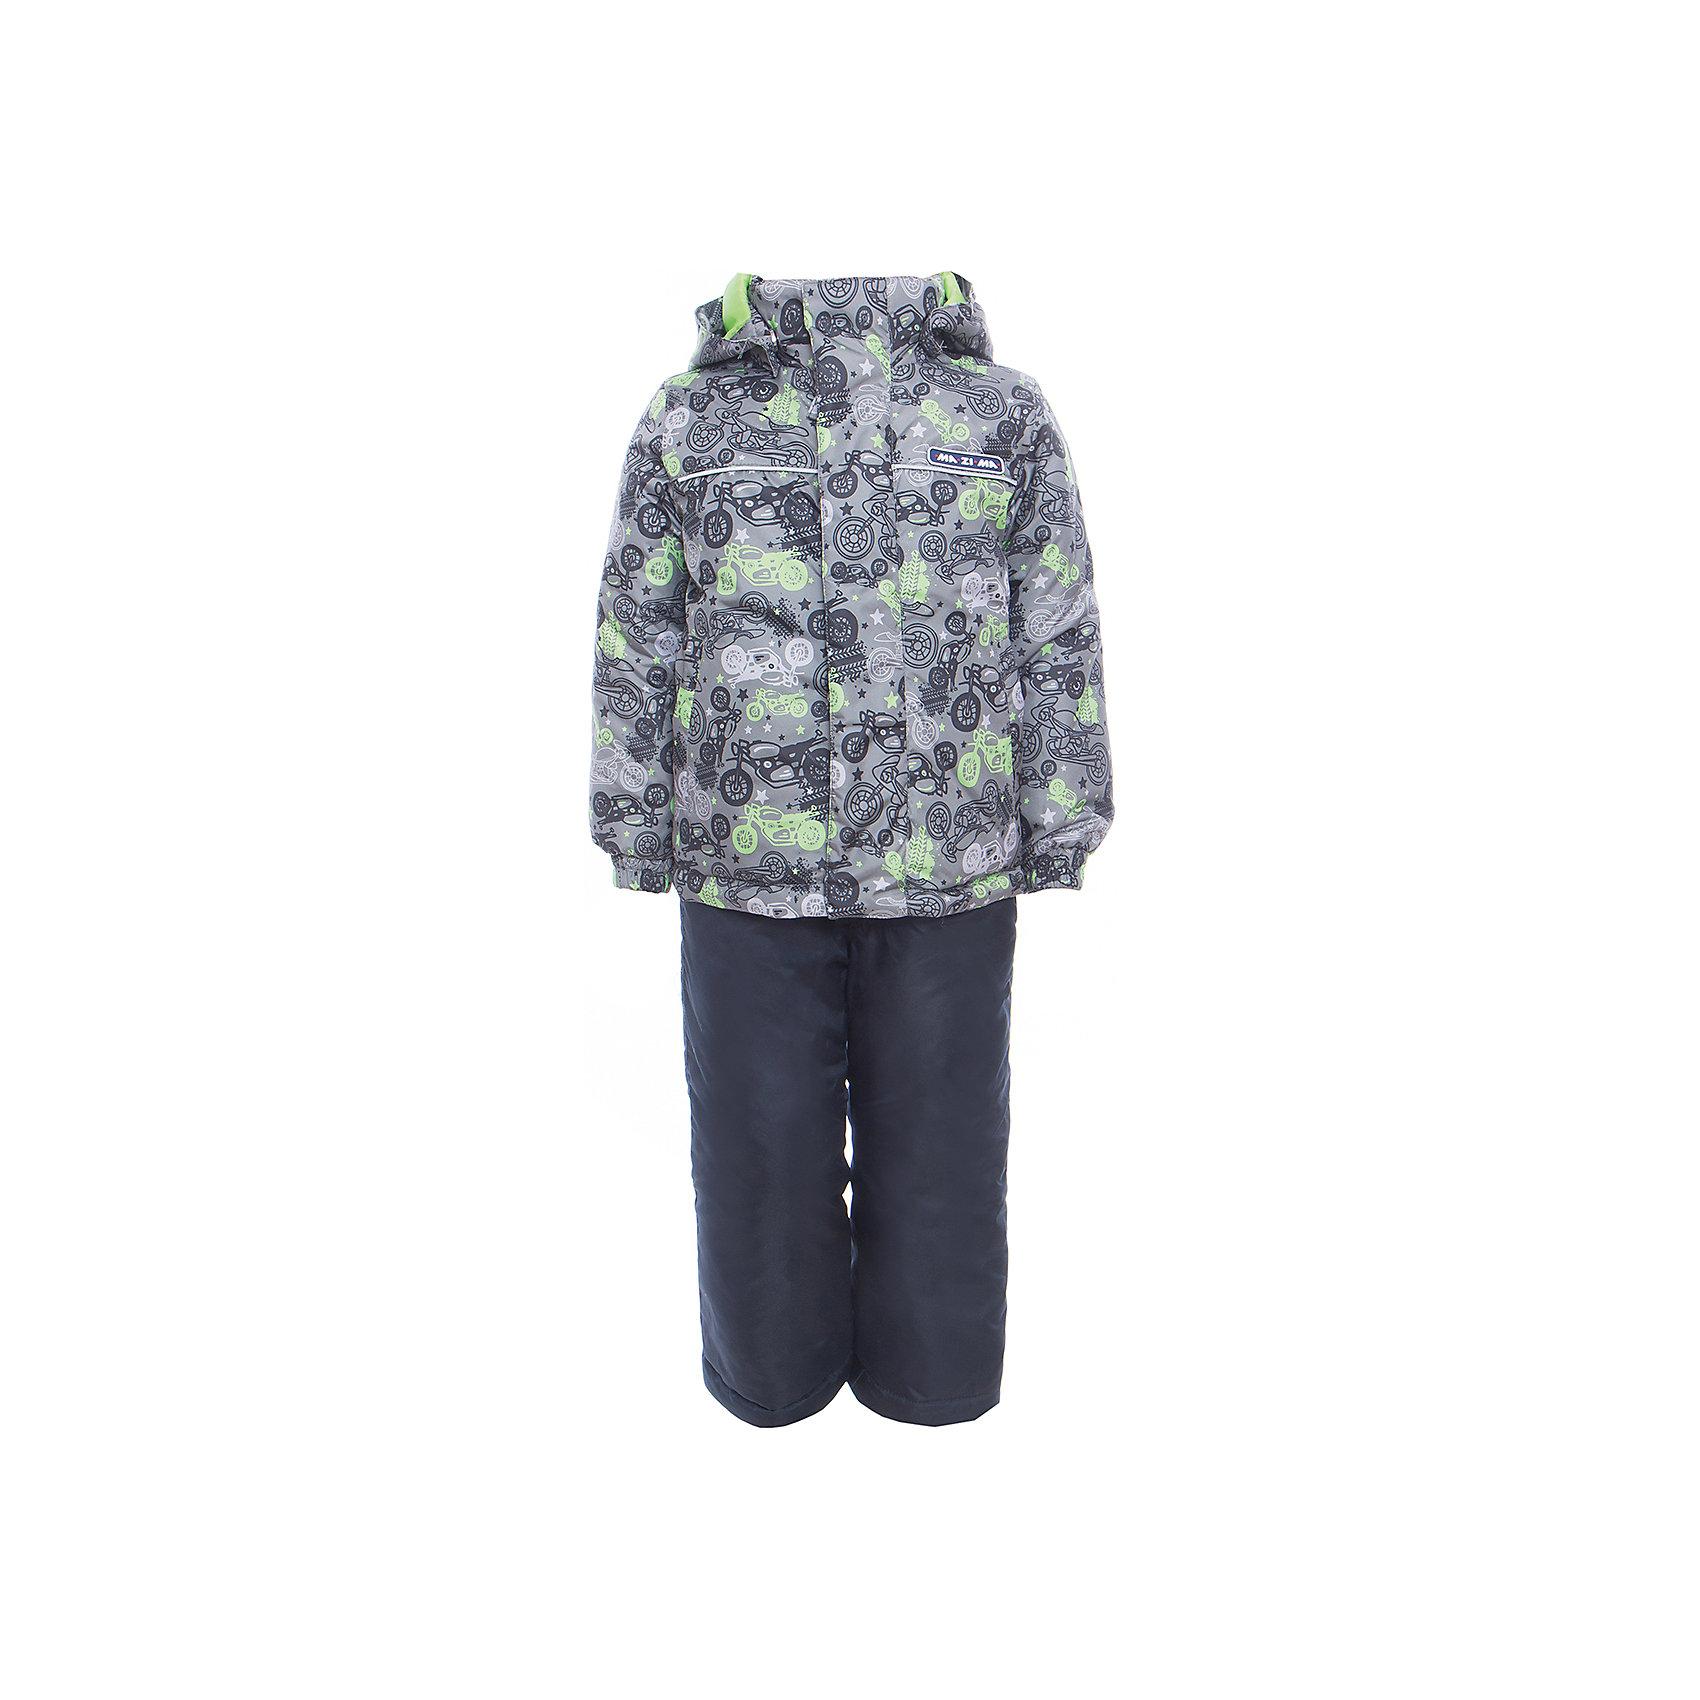 Комплект: куртка и полукомбинезон для мальчика Ma-Zi-MaВерхняя одежда<br>Характеристики товара:<br><br>• цвет: серый<br>• состав: верх - 100% полиэстер с водоотталкивающей пропиткой 3000г/м2/24H<br>• подкладка - тафетта, трикотаж с ворсом на воротнике и в капюшоне<br>• утеплитель - полиэстер, в куртке 120 г/м2,  в брюках 80 г/м2<br>• комплектация: куртка и полукомбинезон<br>• температурный режим: от -5° С до +10° С<br>• водонепроницаемый материал<br>• съемный капюшон<br>• брюки с резинкой на талии<br>• манжеты с эластичной резинкой<br>• ветрозащитная планк<br>• комфортная посадка<br>• светоотражающие элементы<br>• молния<br>• демисезонный<br>• страна бренда: Россия<br><br>Одежда от российского бренда Ma-Zi-Ma, разработанная совместно с канадскими специалистами. , пользуется популярностью у покупателей. Она стильная, качественные и удобная. Для производства продукции используются только безопасные, проверенные материалы и фурнитура. Порадуйте ребенка модными и красивыми вещами от Ma-Zi-Ma! <br><br>Комплект: куртка и полукомбинезон для мальчика от известного бренда Ma-Zi-Ma можно купить в нашем интернет-магазине.<br><br>Ширина мм: 356<br>Глубина мм: 10<br>Высота мм: 245<br>Вес г: 519<br>Цвет: серый<br>Возраст от месяцев: 132<br>Возраст до месяцев: 144<br>Пол: Мужской<br>Возраст: Детский<br>Размер: 152,92,98,104,110,116,122,128,134,140,146<br>SKU: 5383987